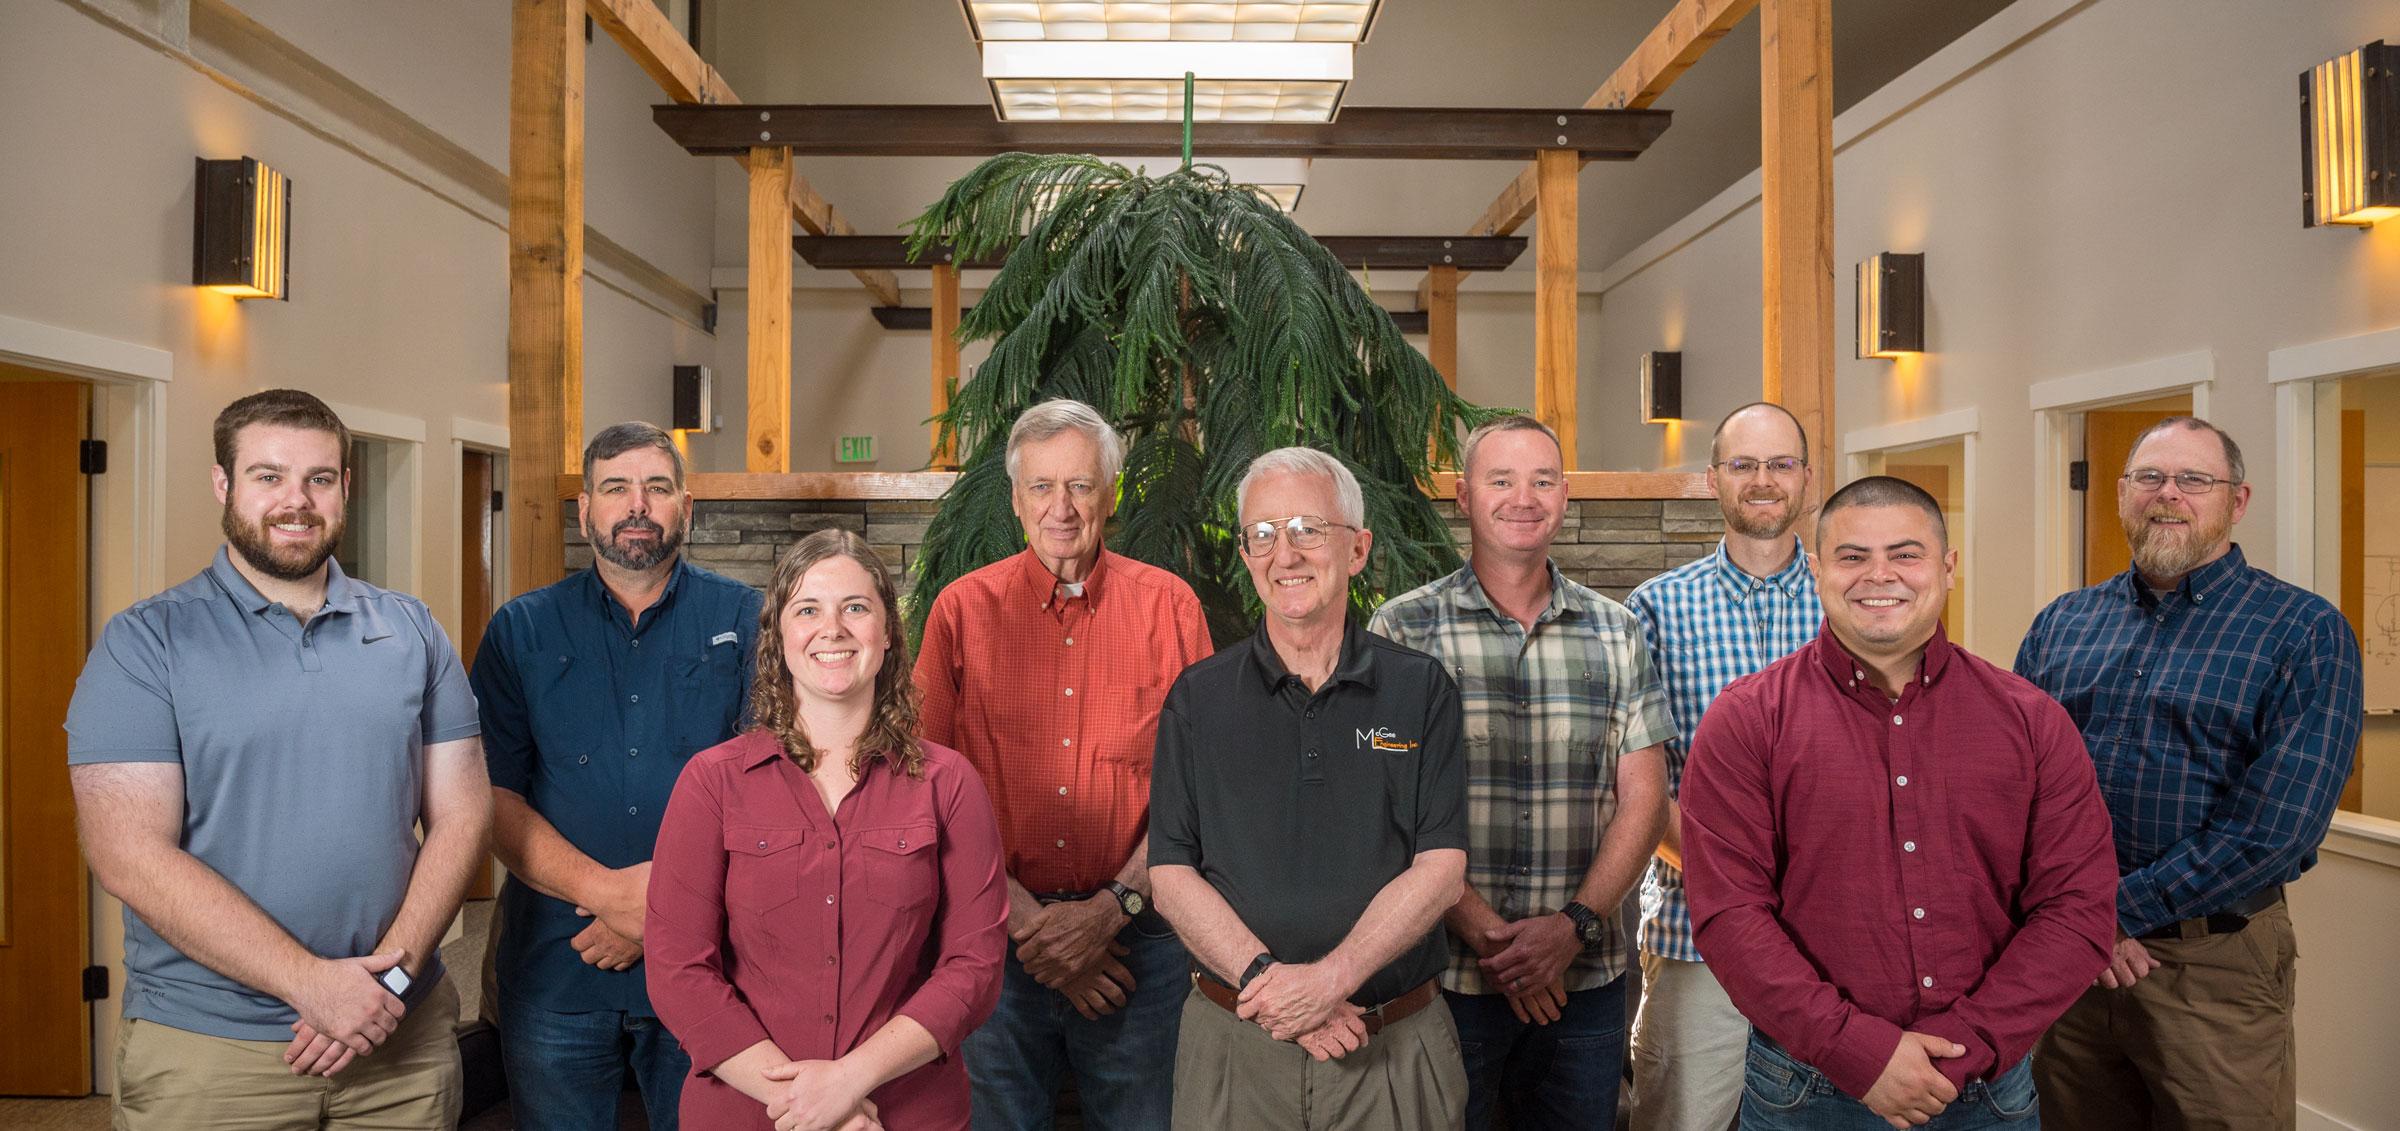 McGee Engineering Staff